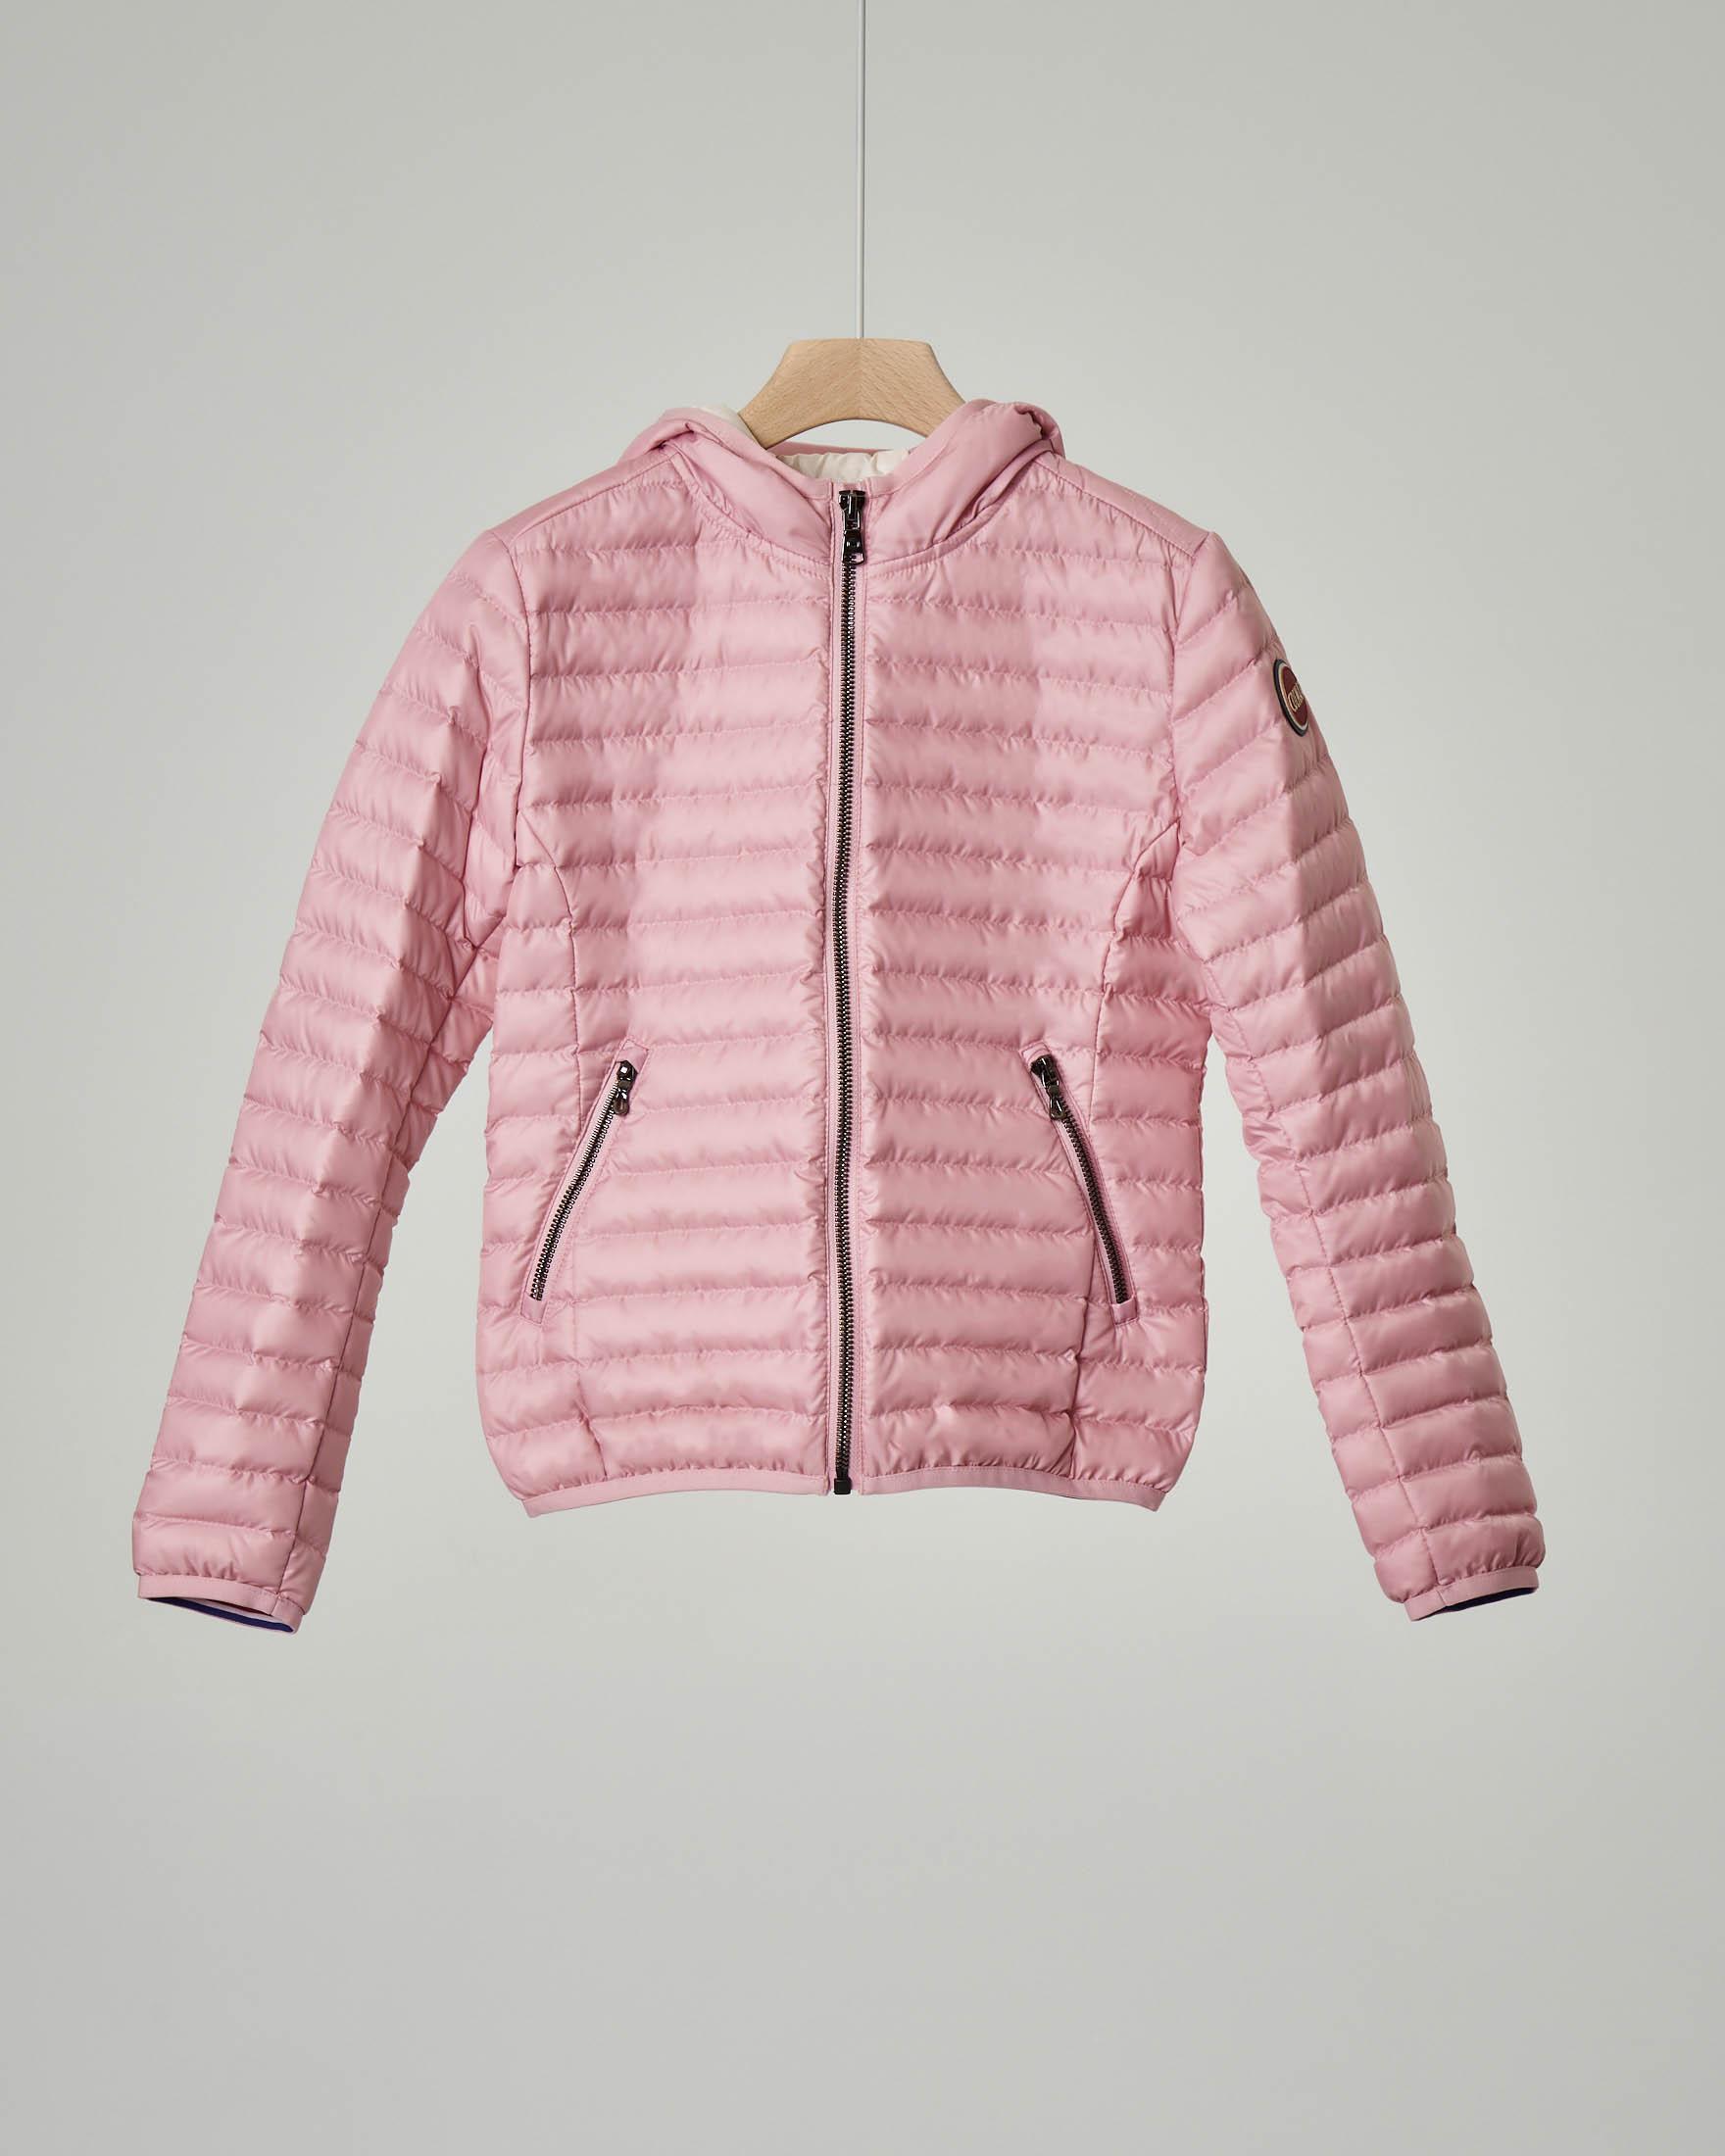 Piumino rosa con cappuccio 12 anni